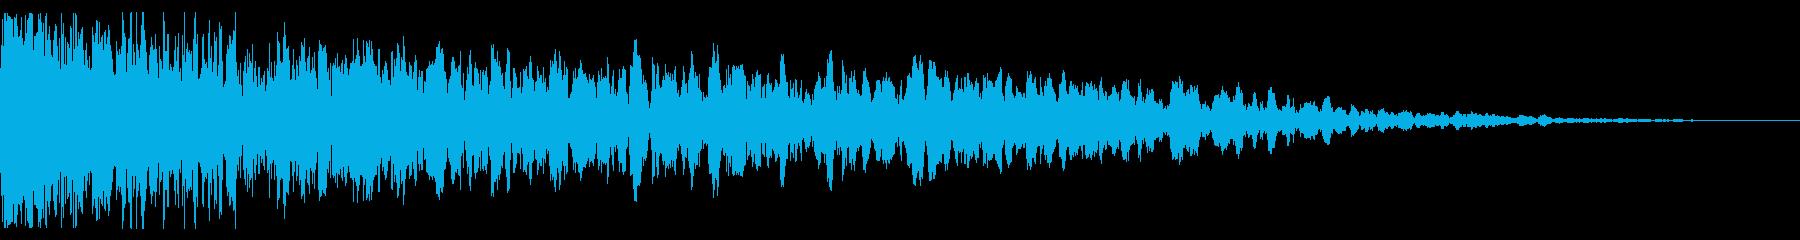 中空スプリングメタルヒットの再生済みの波形